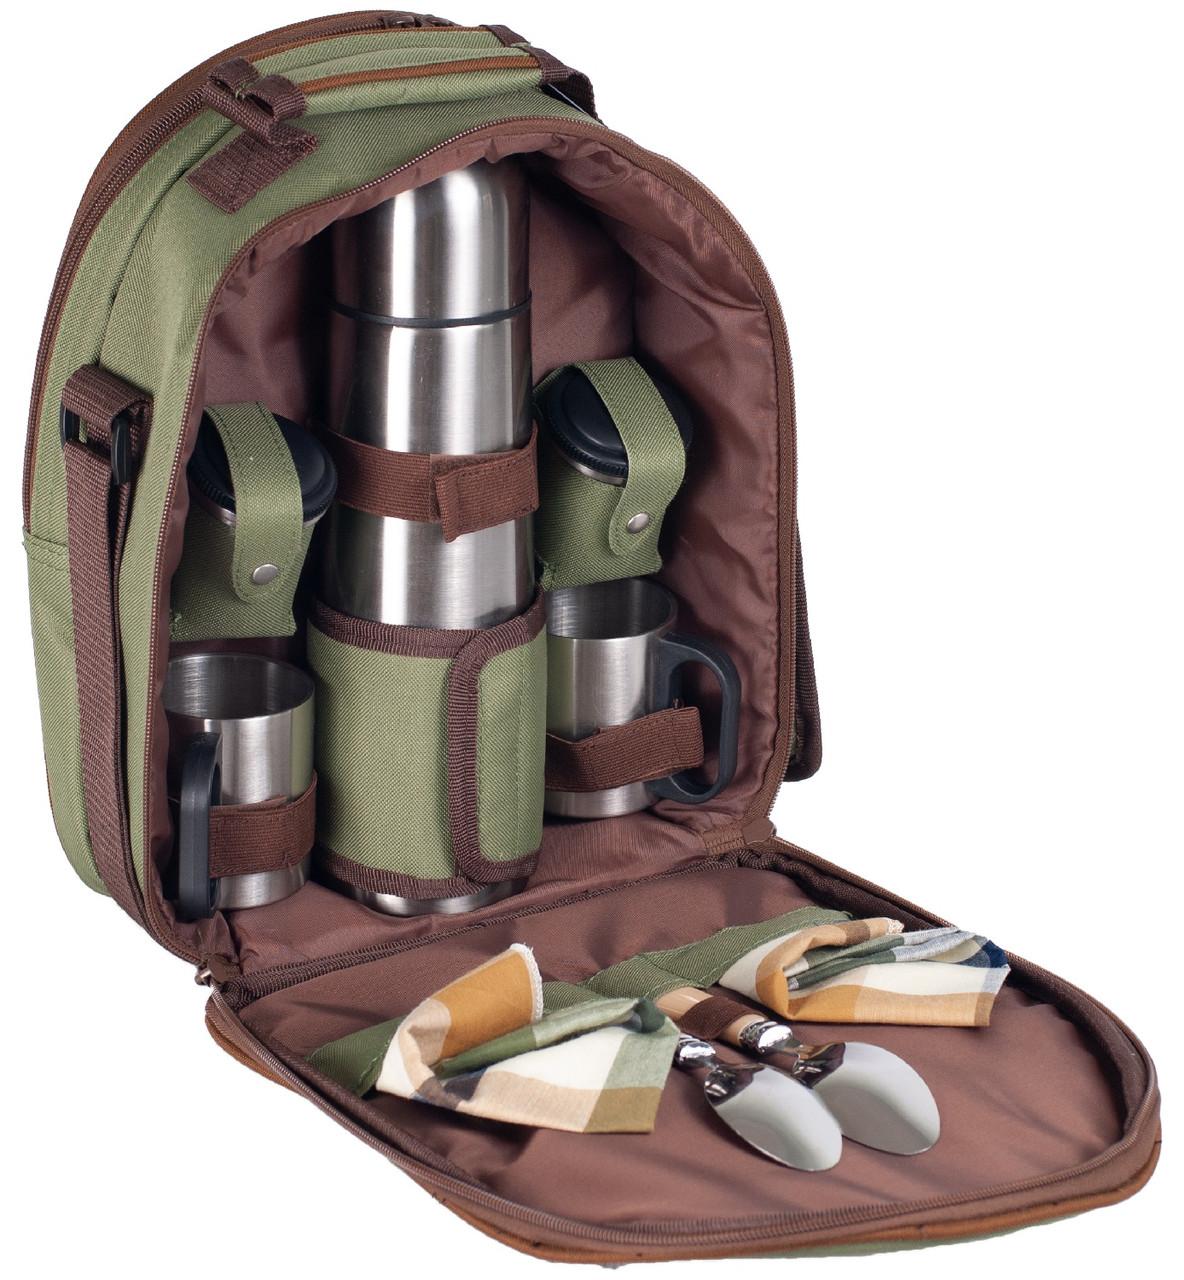 Набор для пикника Ranger Compact RA 9908 набор с термосом на рыбалку